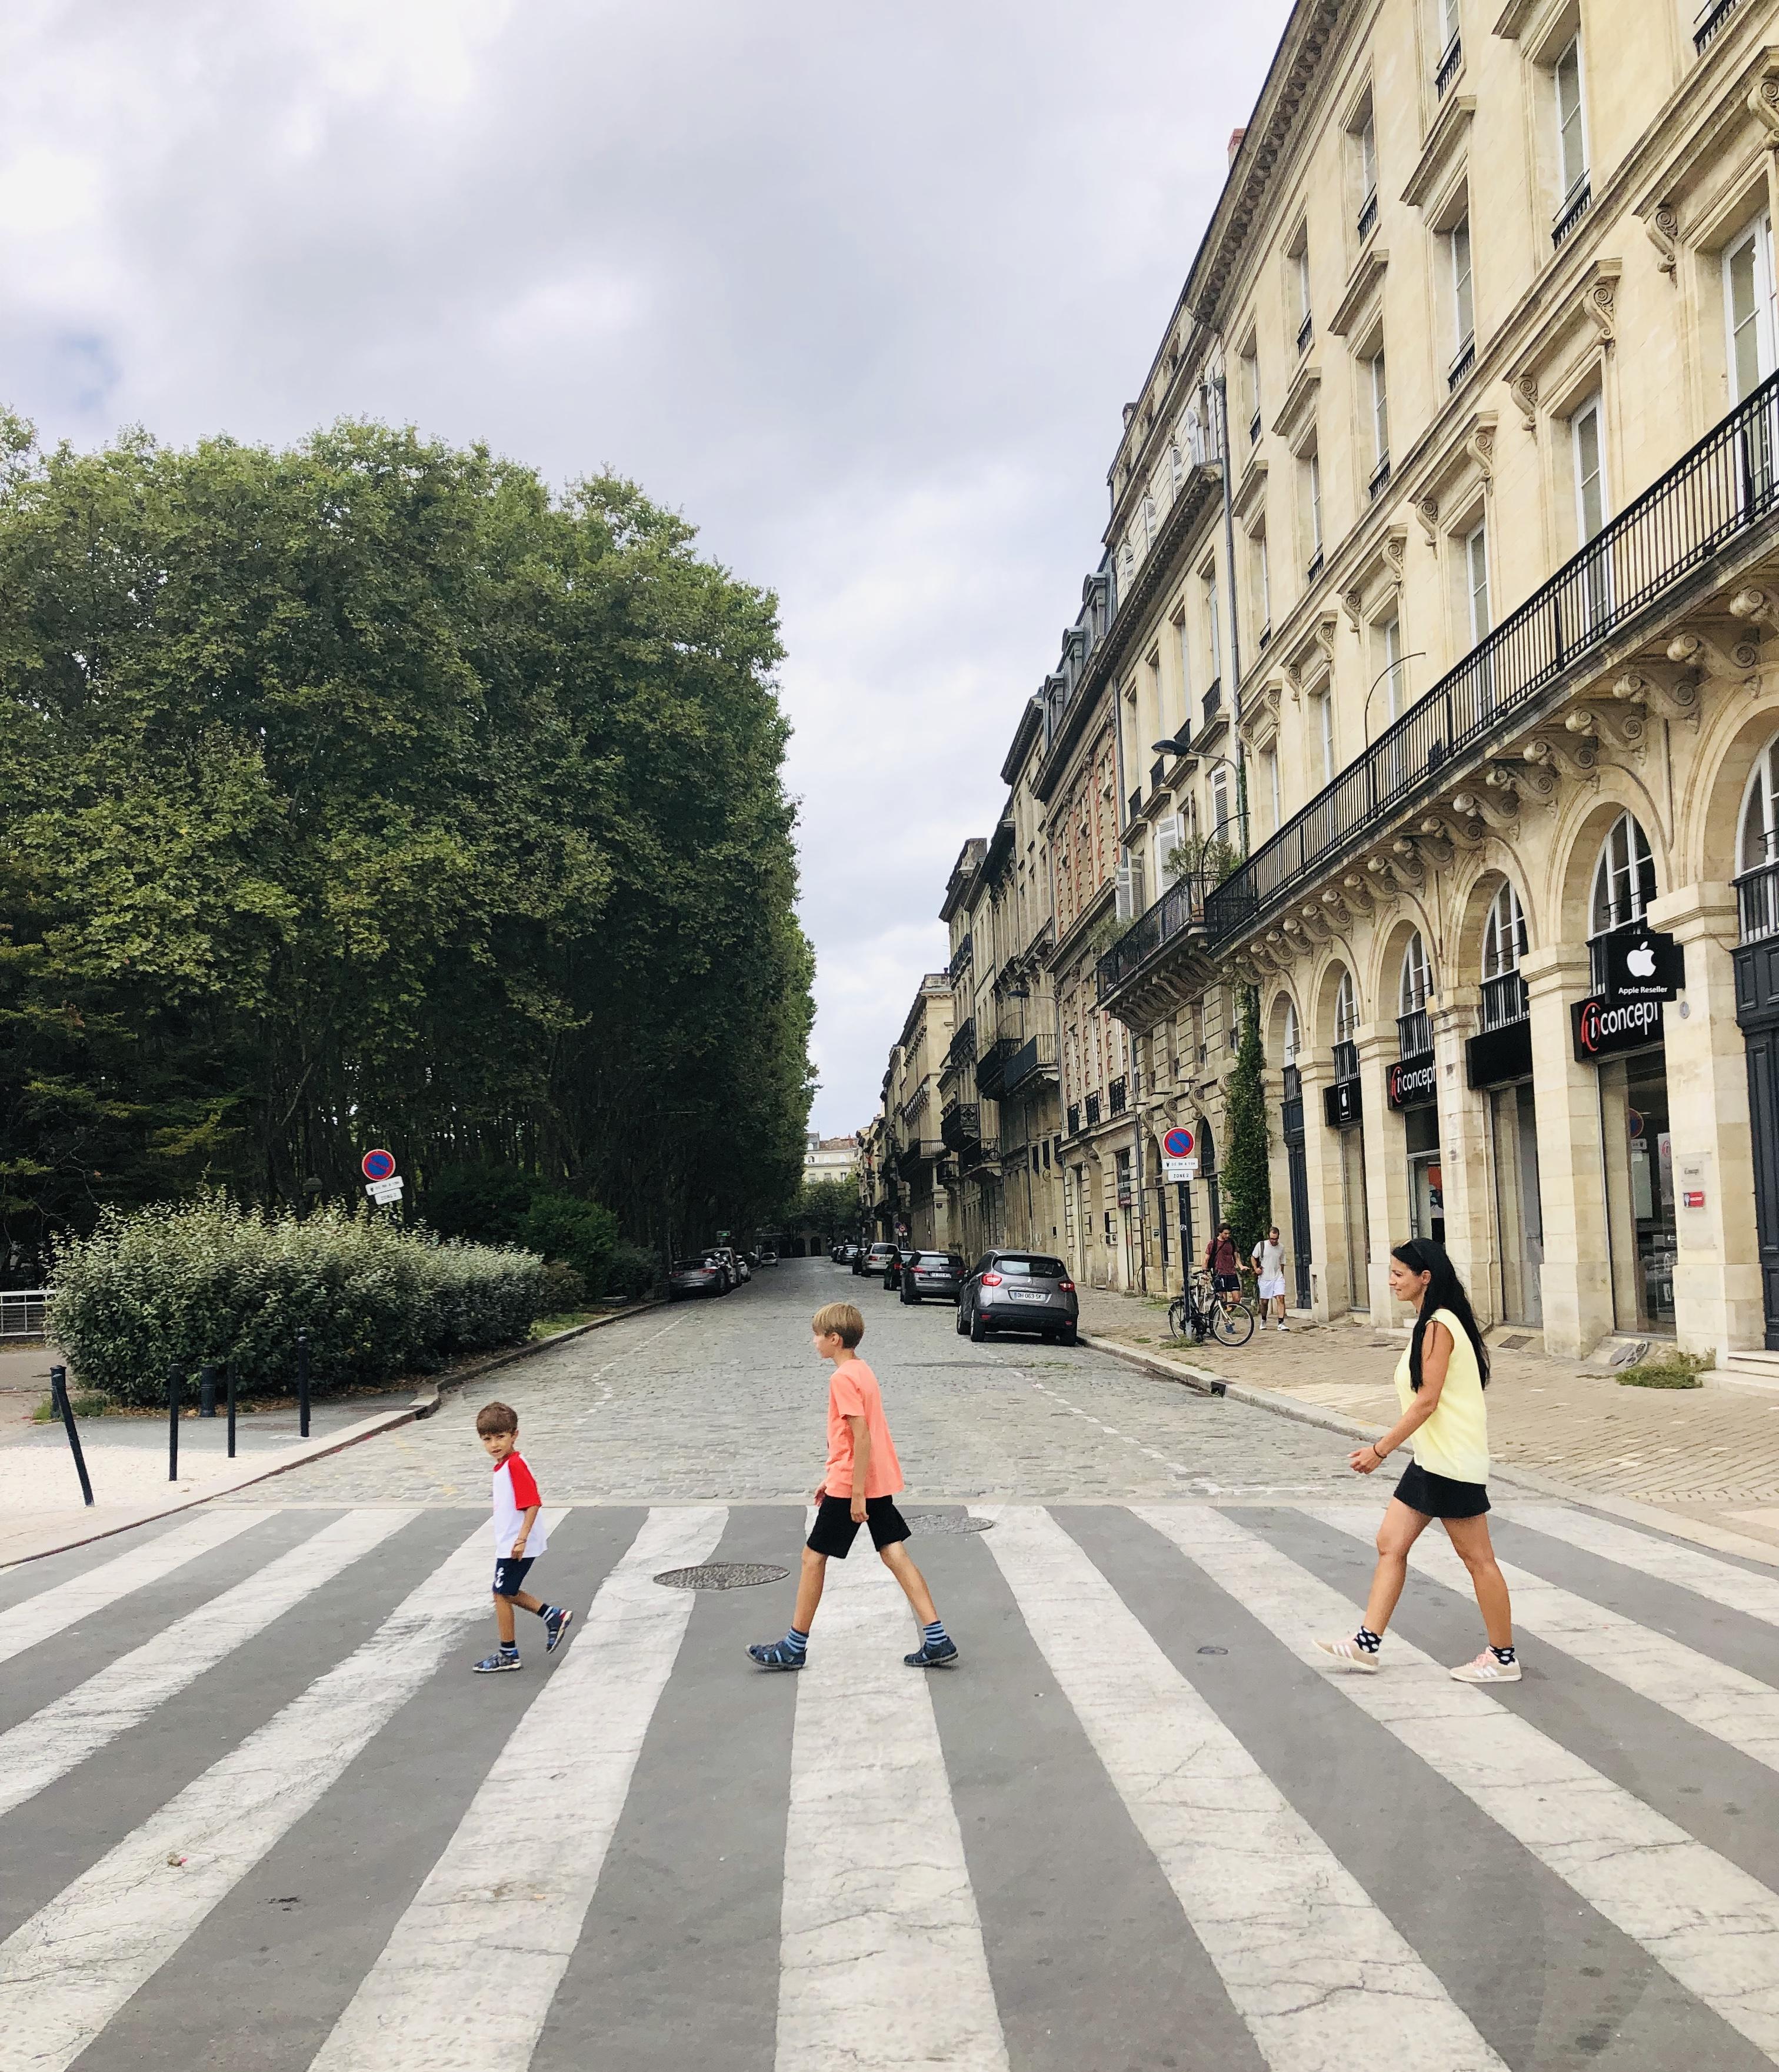 Europa Roadtrip 2019 - Spaß am Zebrastreifen in Bordeaux